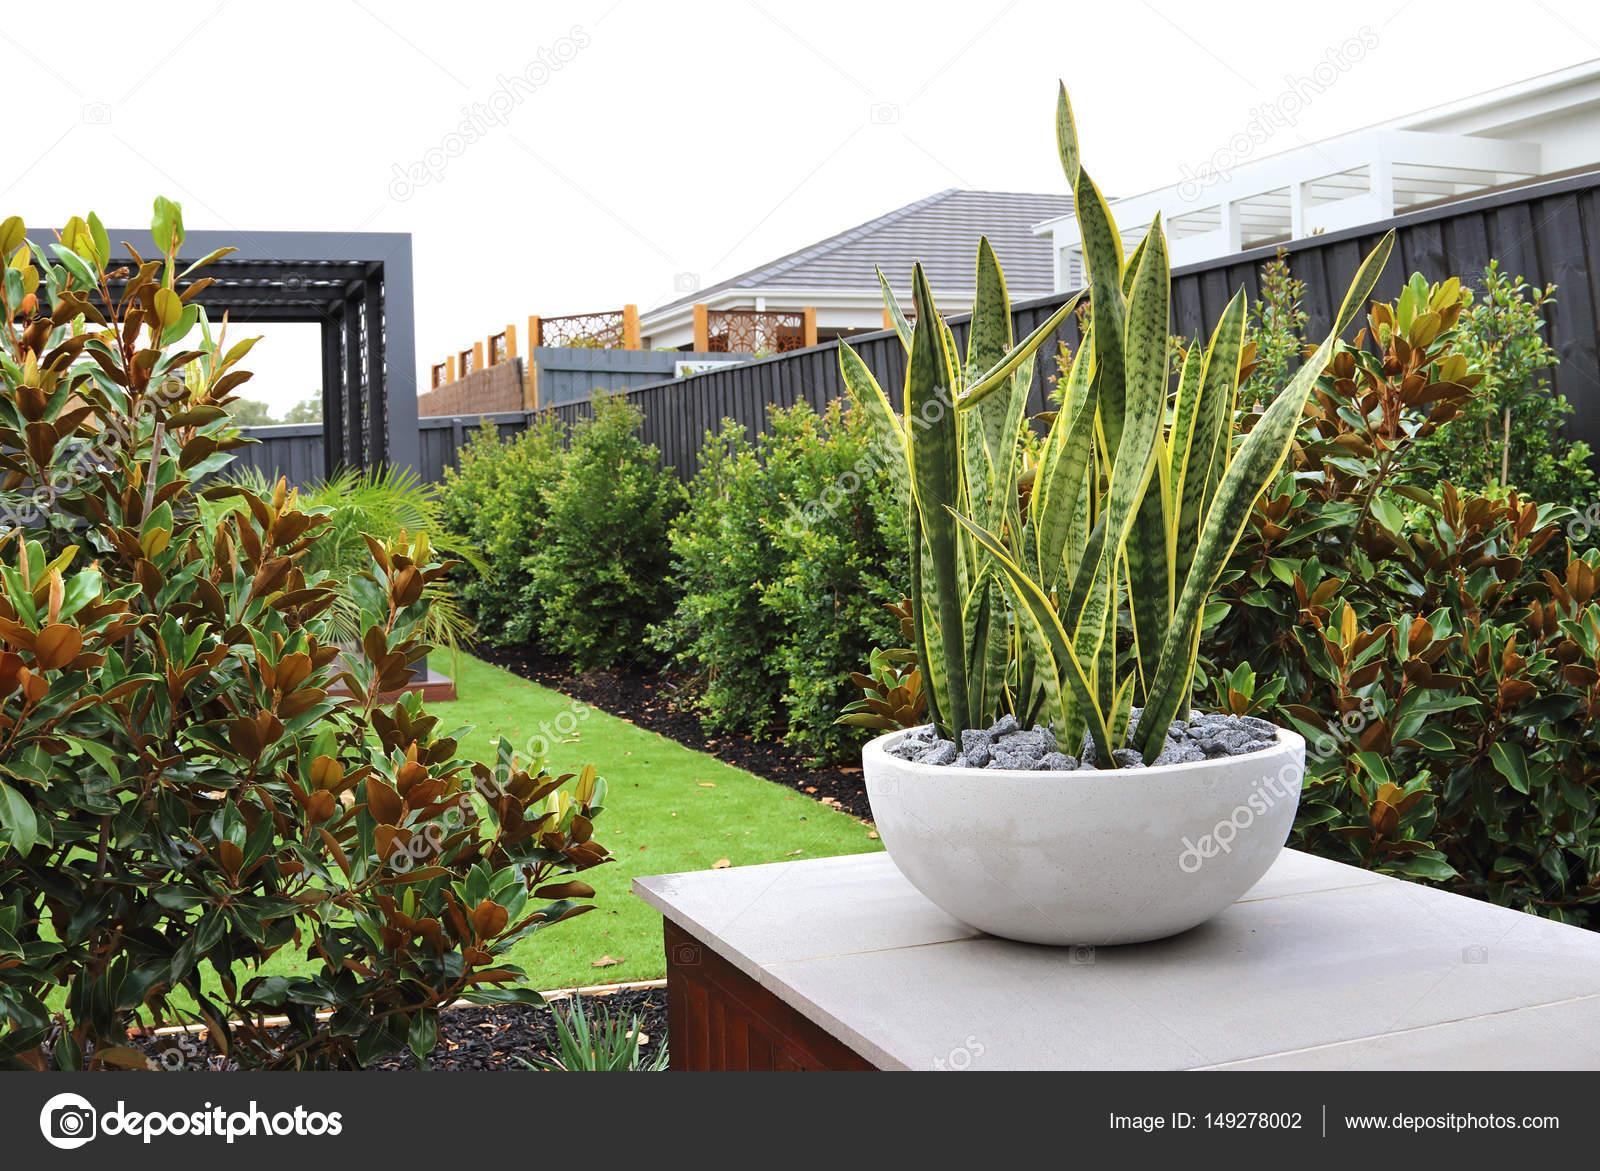 Hinterhof Garten Designs Für Kleine Hinterhöfe In Australien Mit  Textfreiraum U2014 Foto Von Bolina